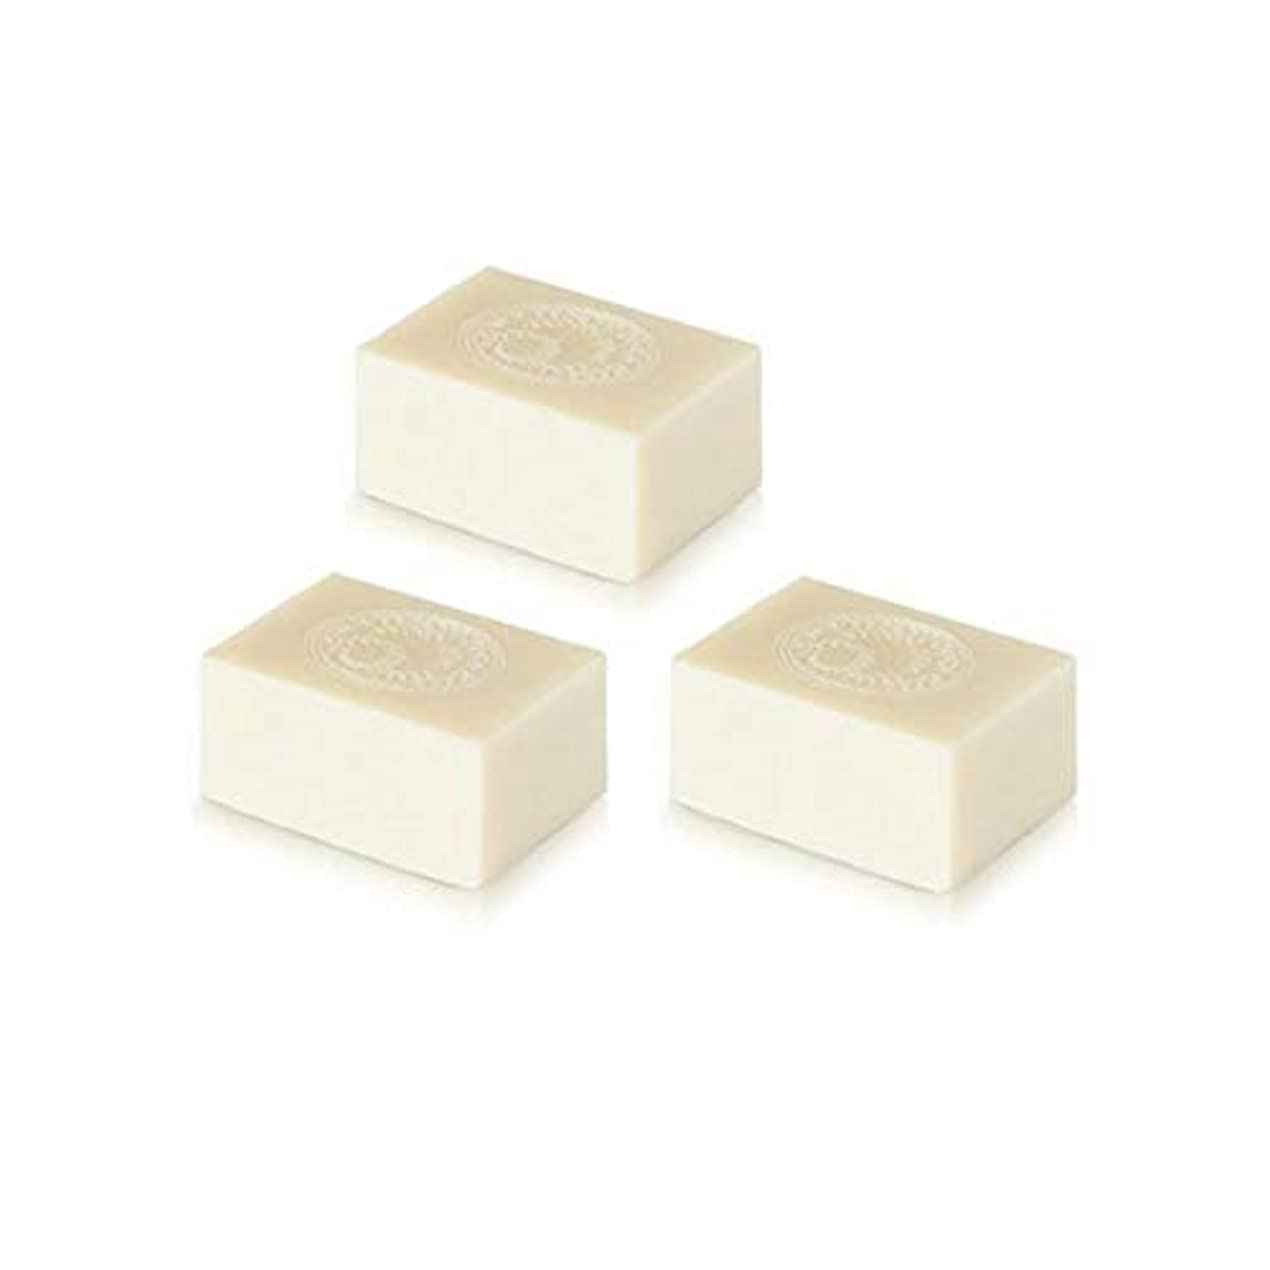 人気のマーカーコンピューターアルガン石鹸3個セット( 145g ×3個) アルガンオイルの完全無添加石鹸